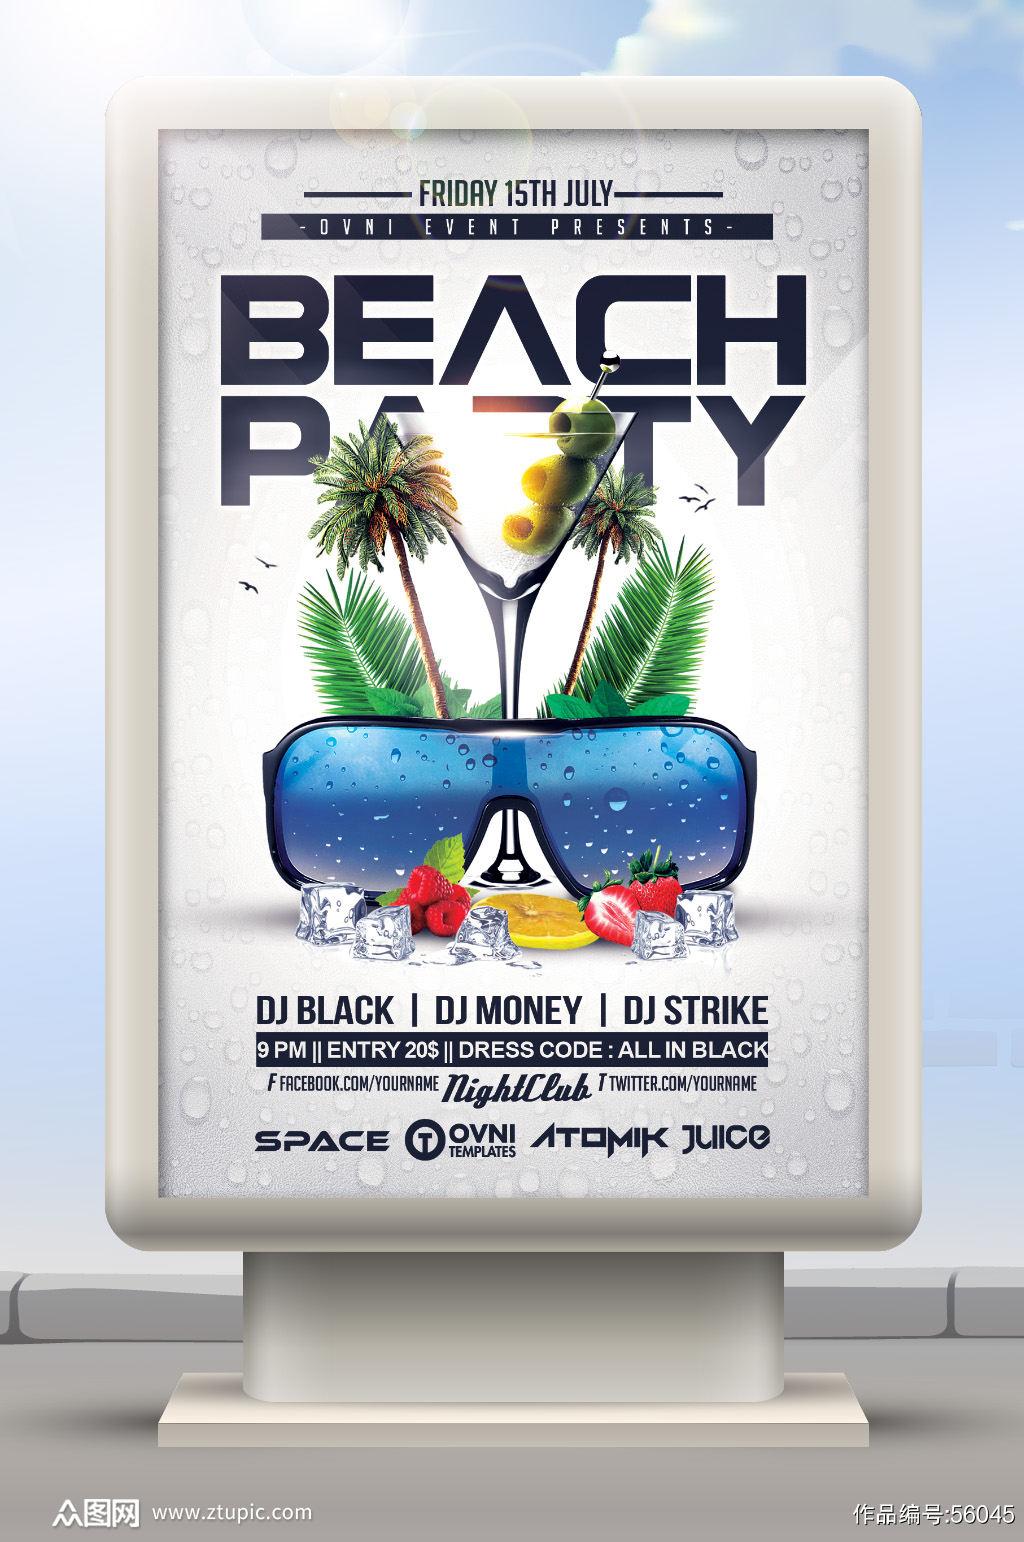 KTV酒吧海滩沙滩派对素材